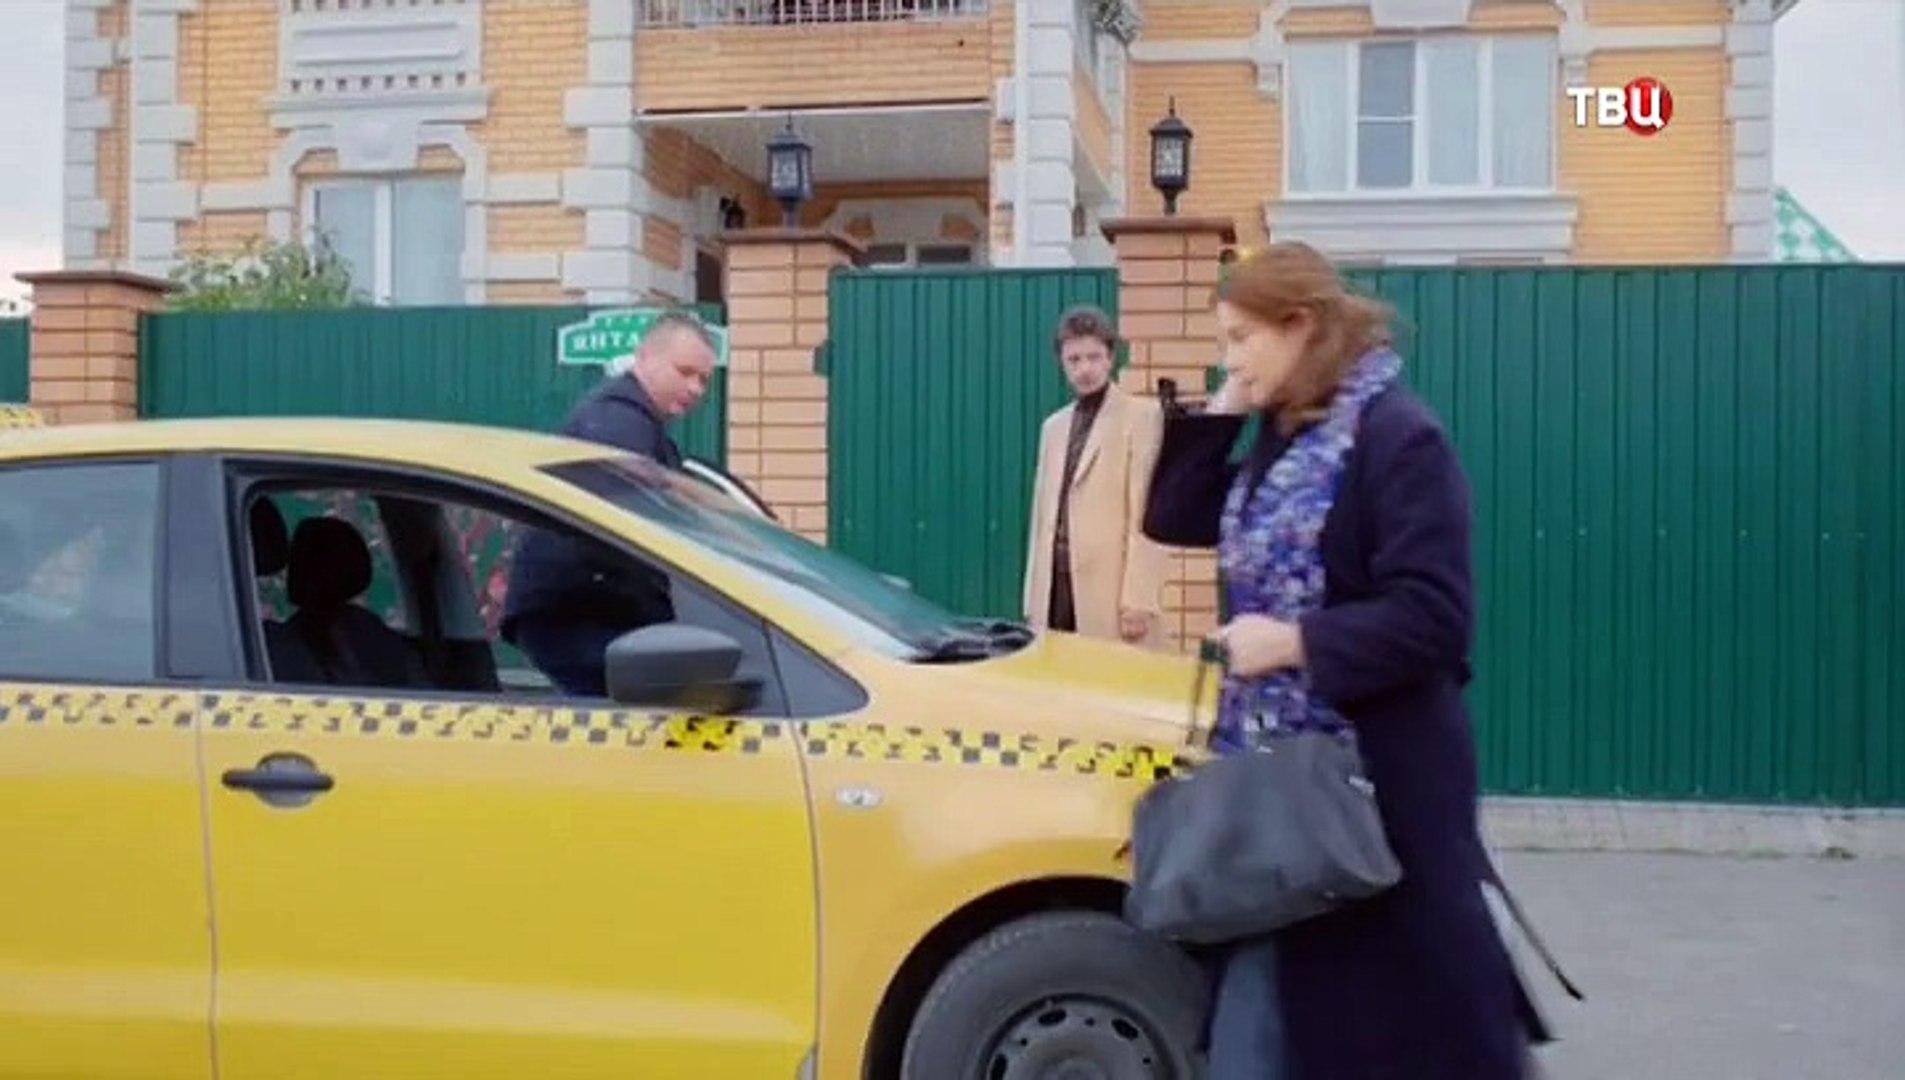 Фильм |Крылья 4 серия |Российское кино новинки| 10 12 2016 смотреть онлайн